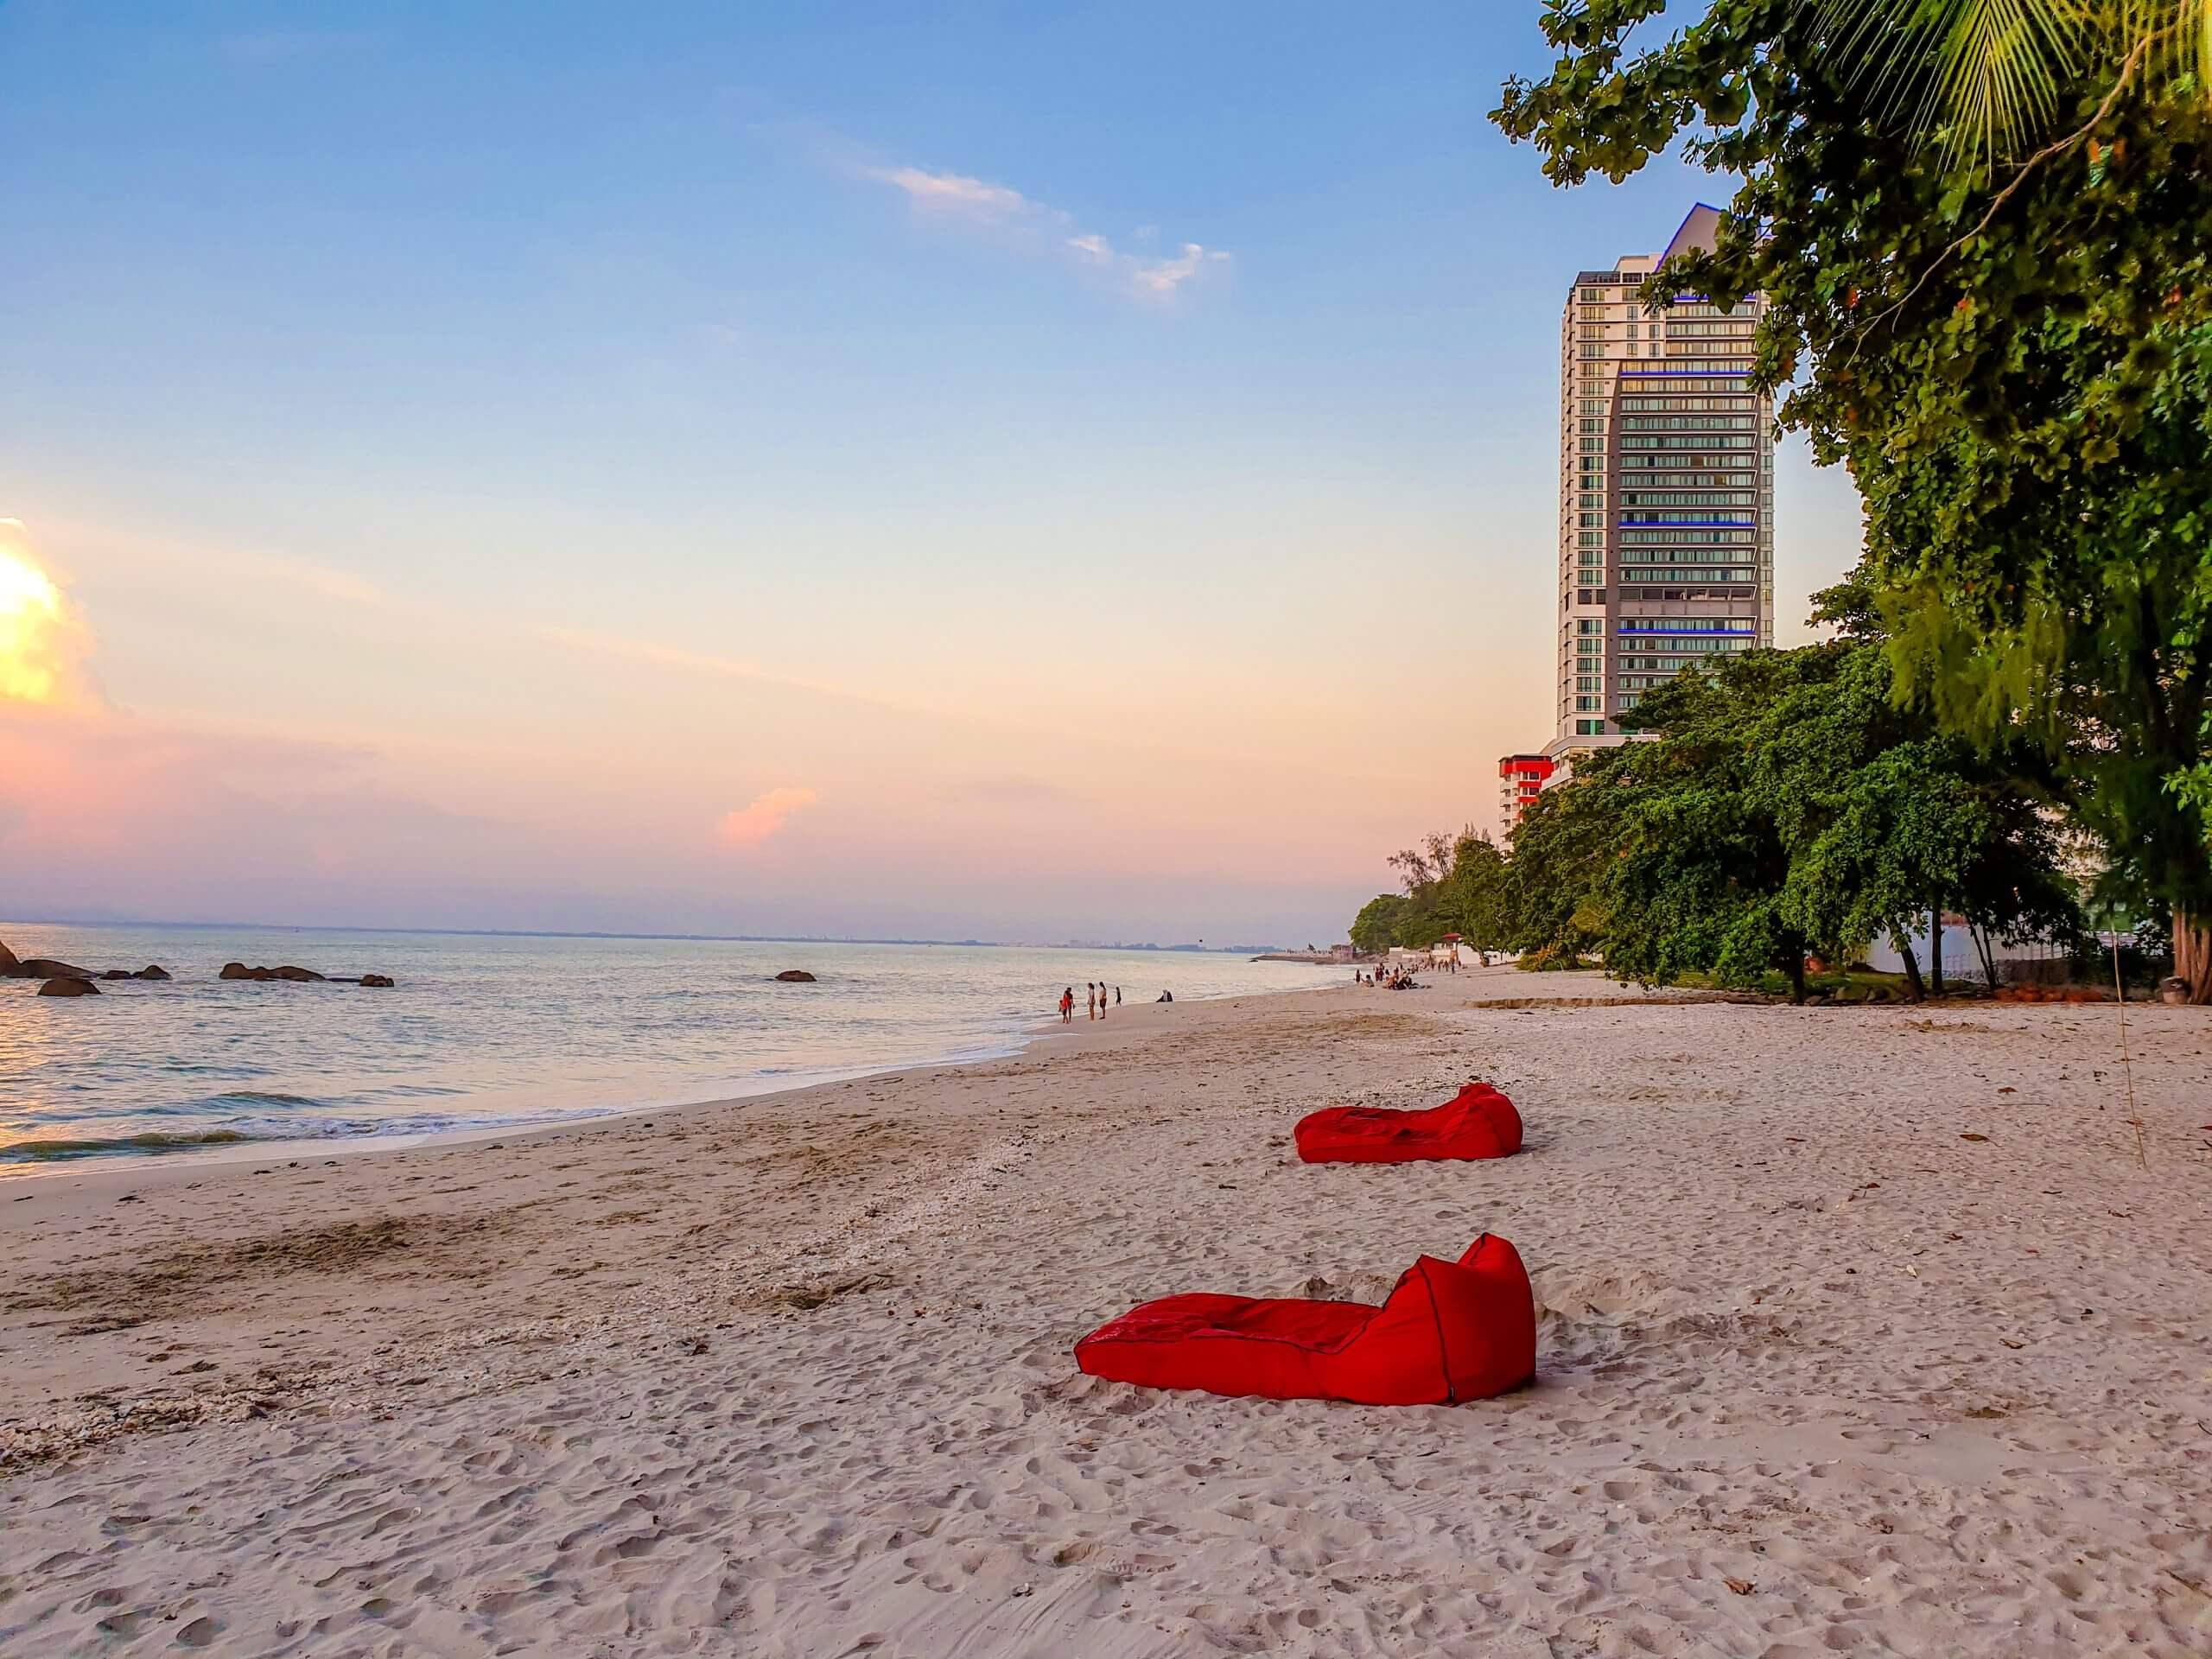 Sunrise on Penang island in Malaysia